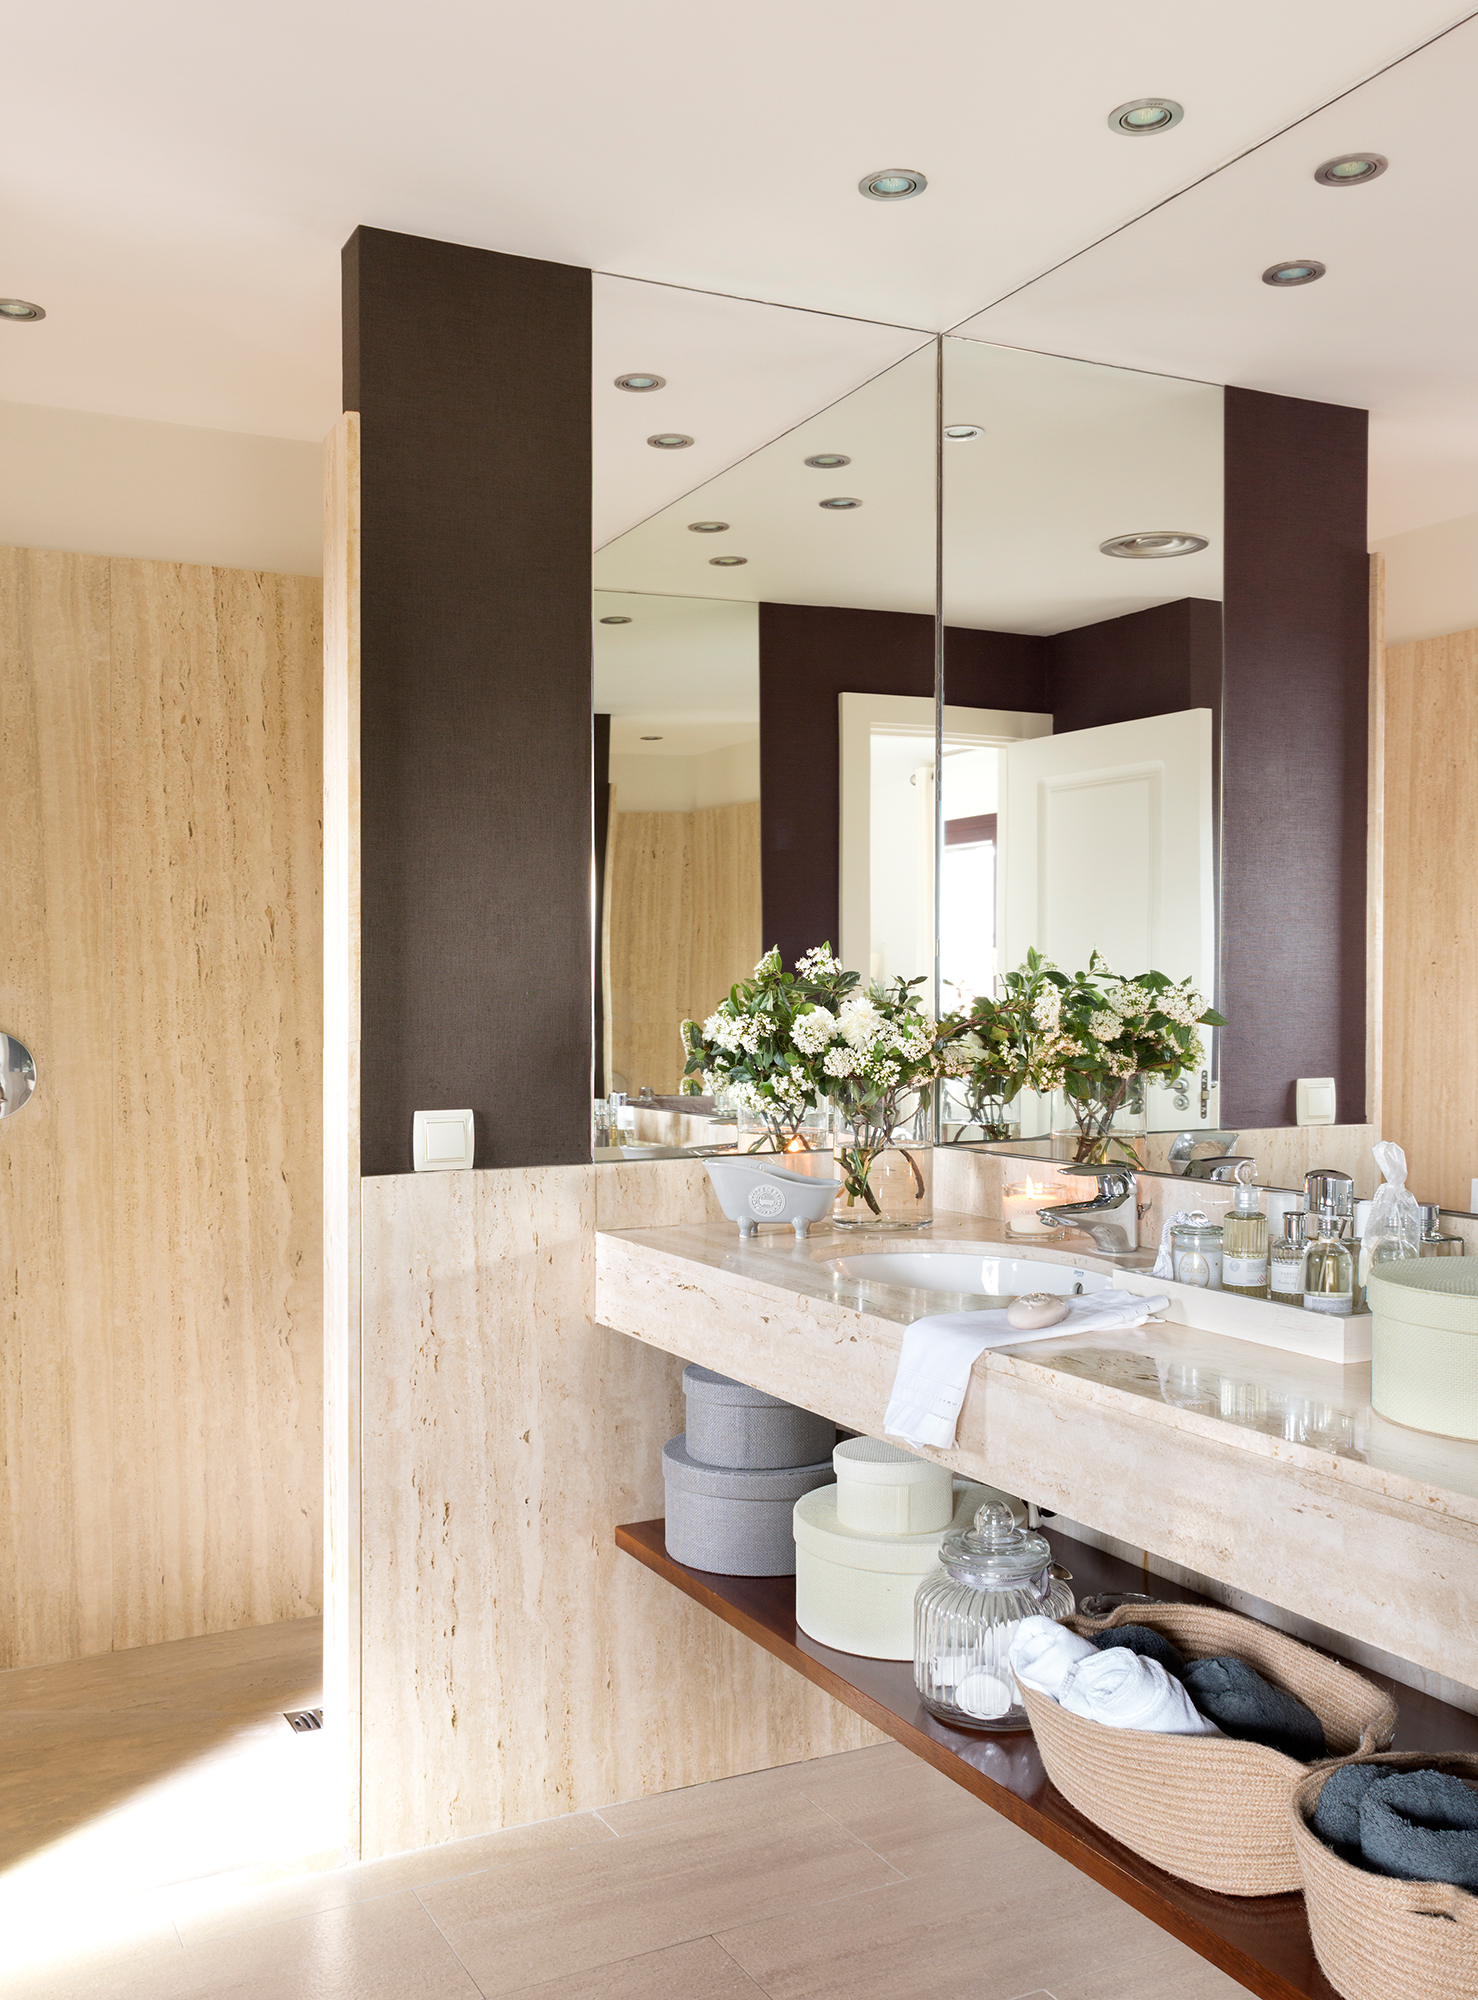 Espejos de ba o 15 dise os de todos los estilos for Espejos de suelo